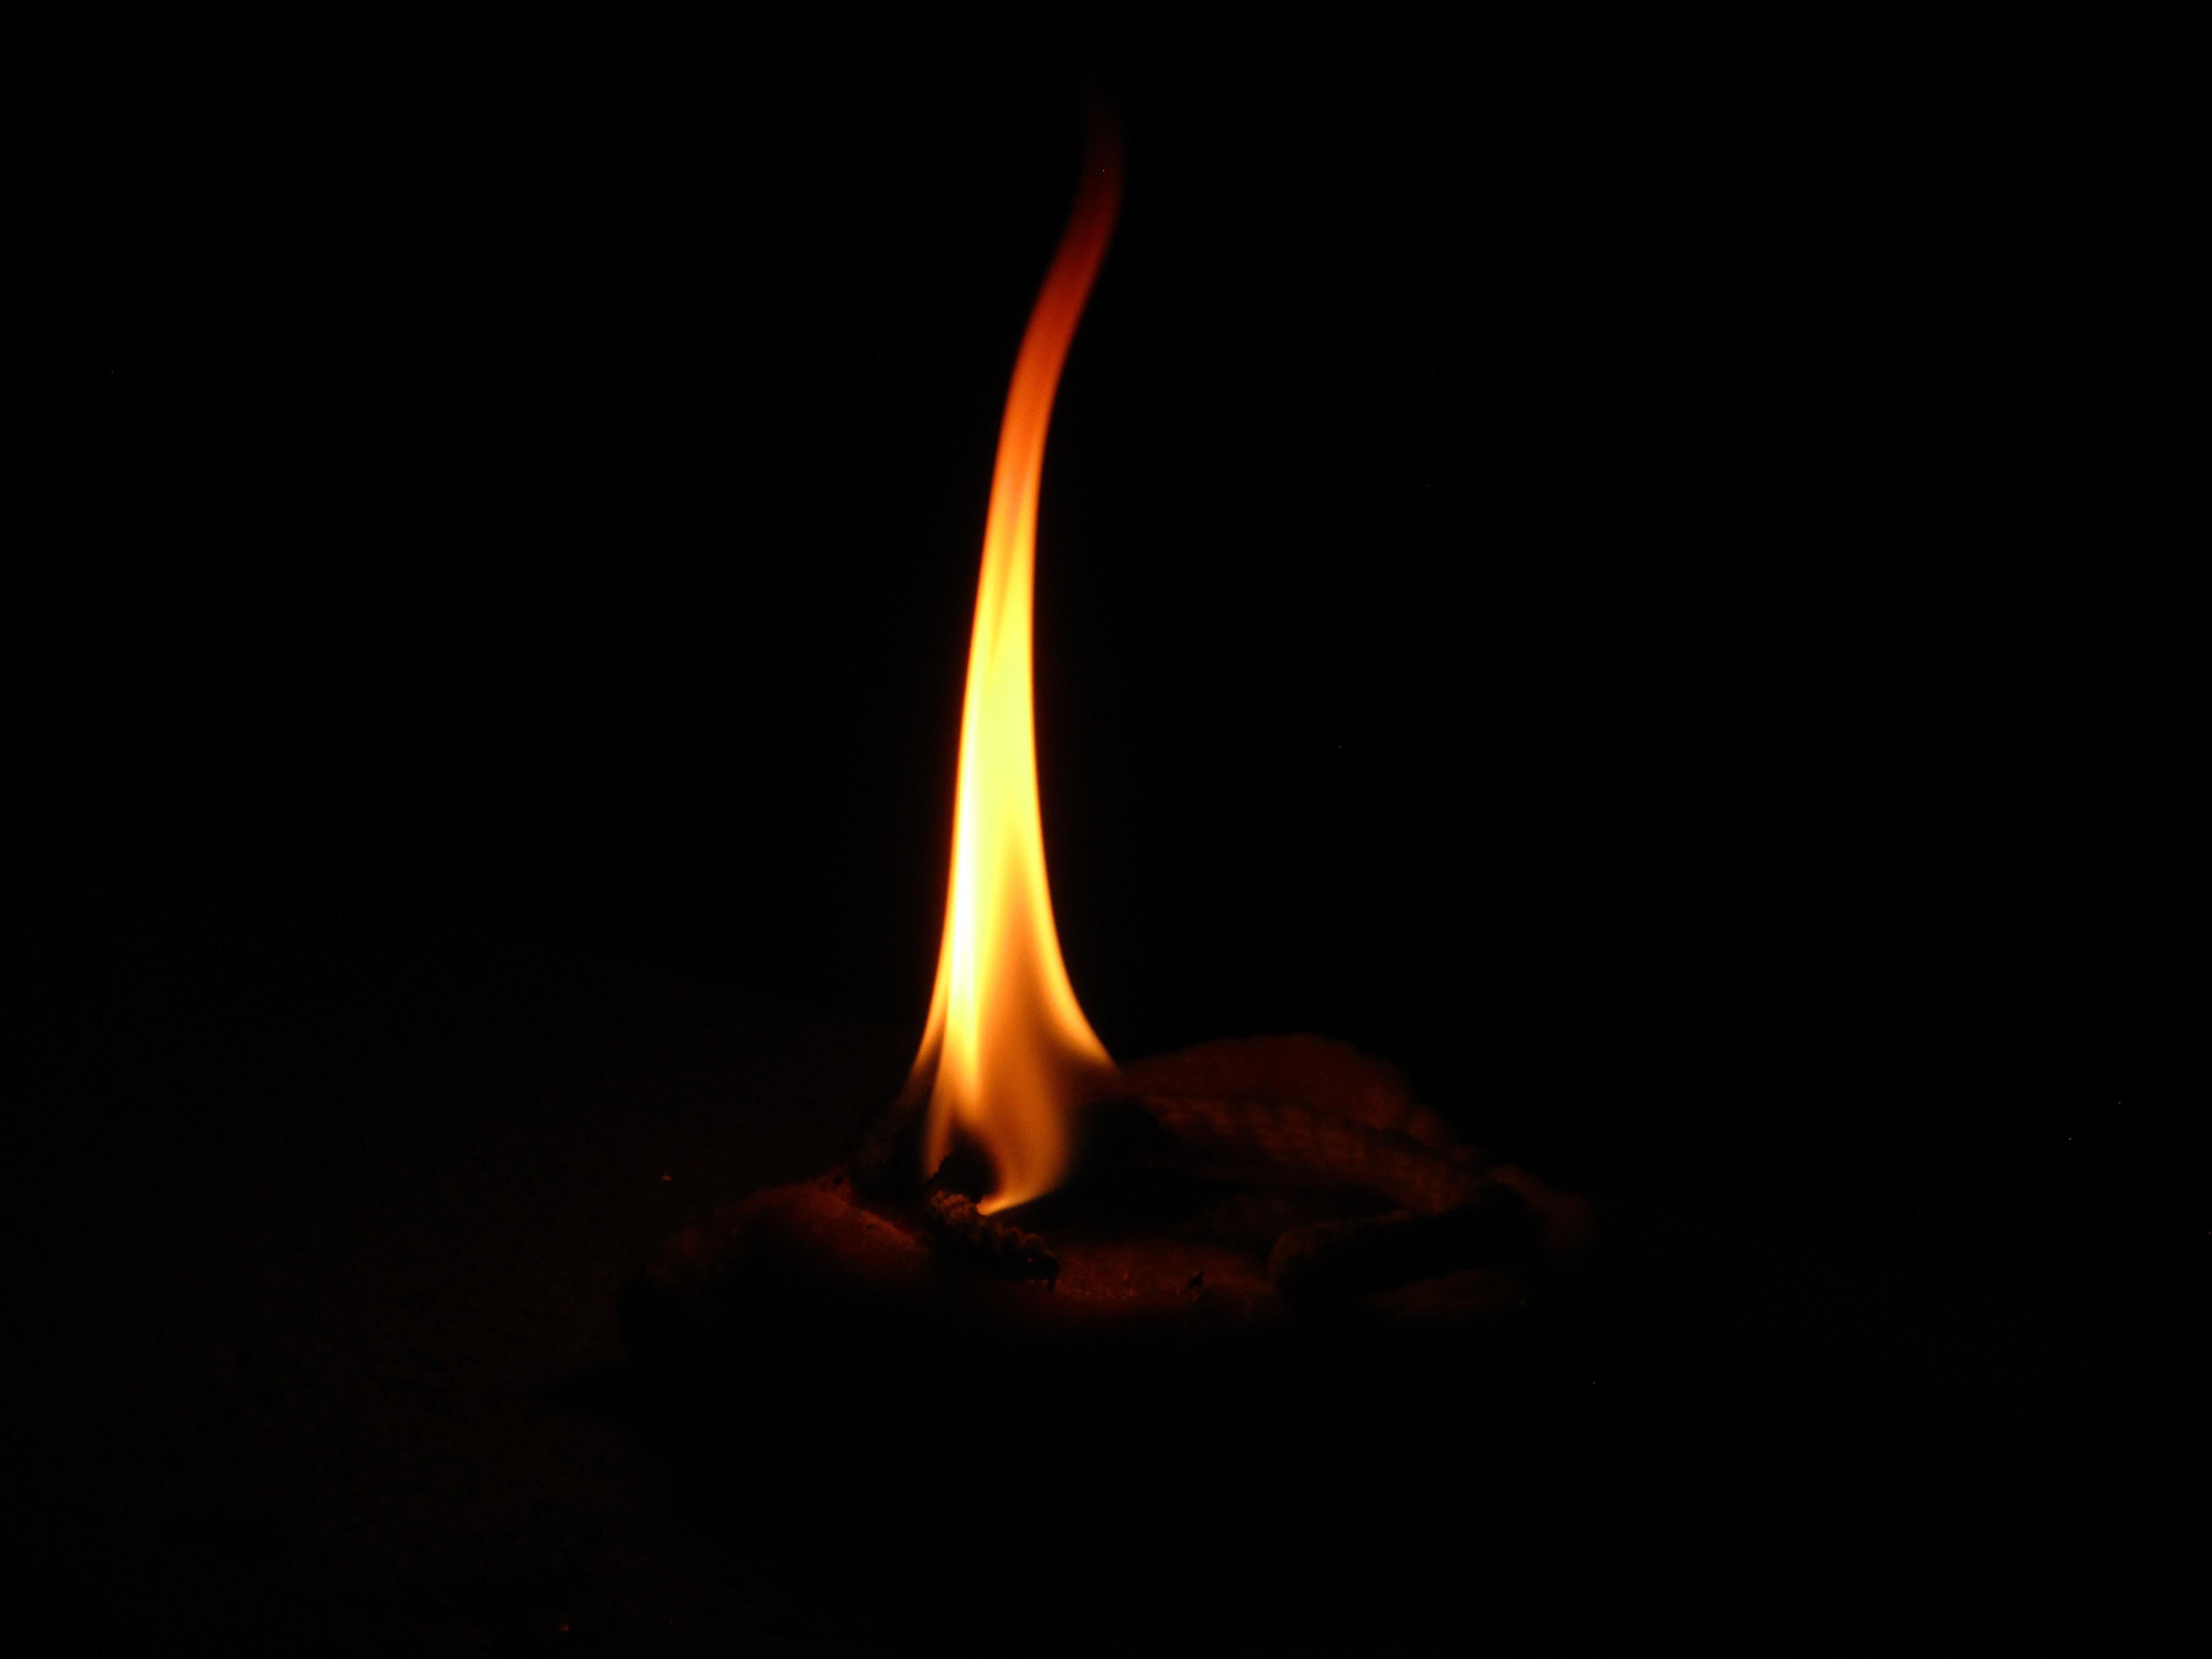 136238 免費下載壁紙 黑暗的, 黑暗, 火焰, 火, 黑色的, 蜡烛 屏保和圖片